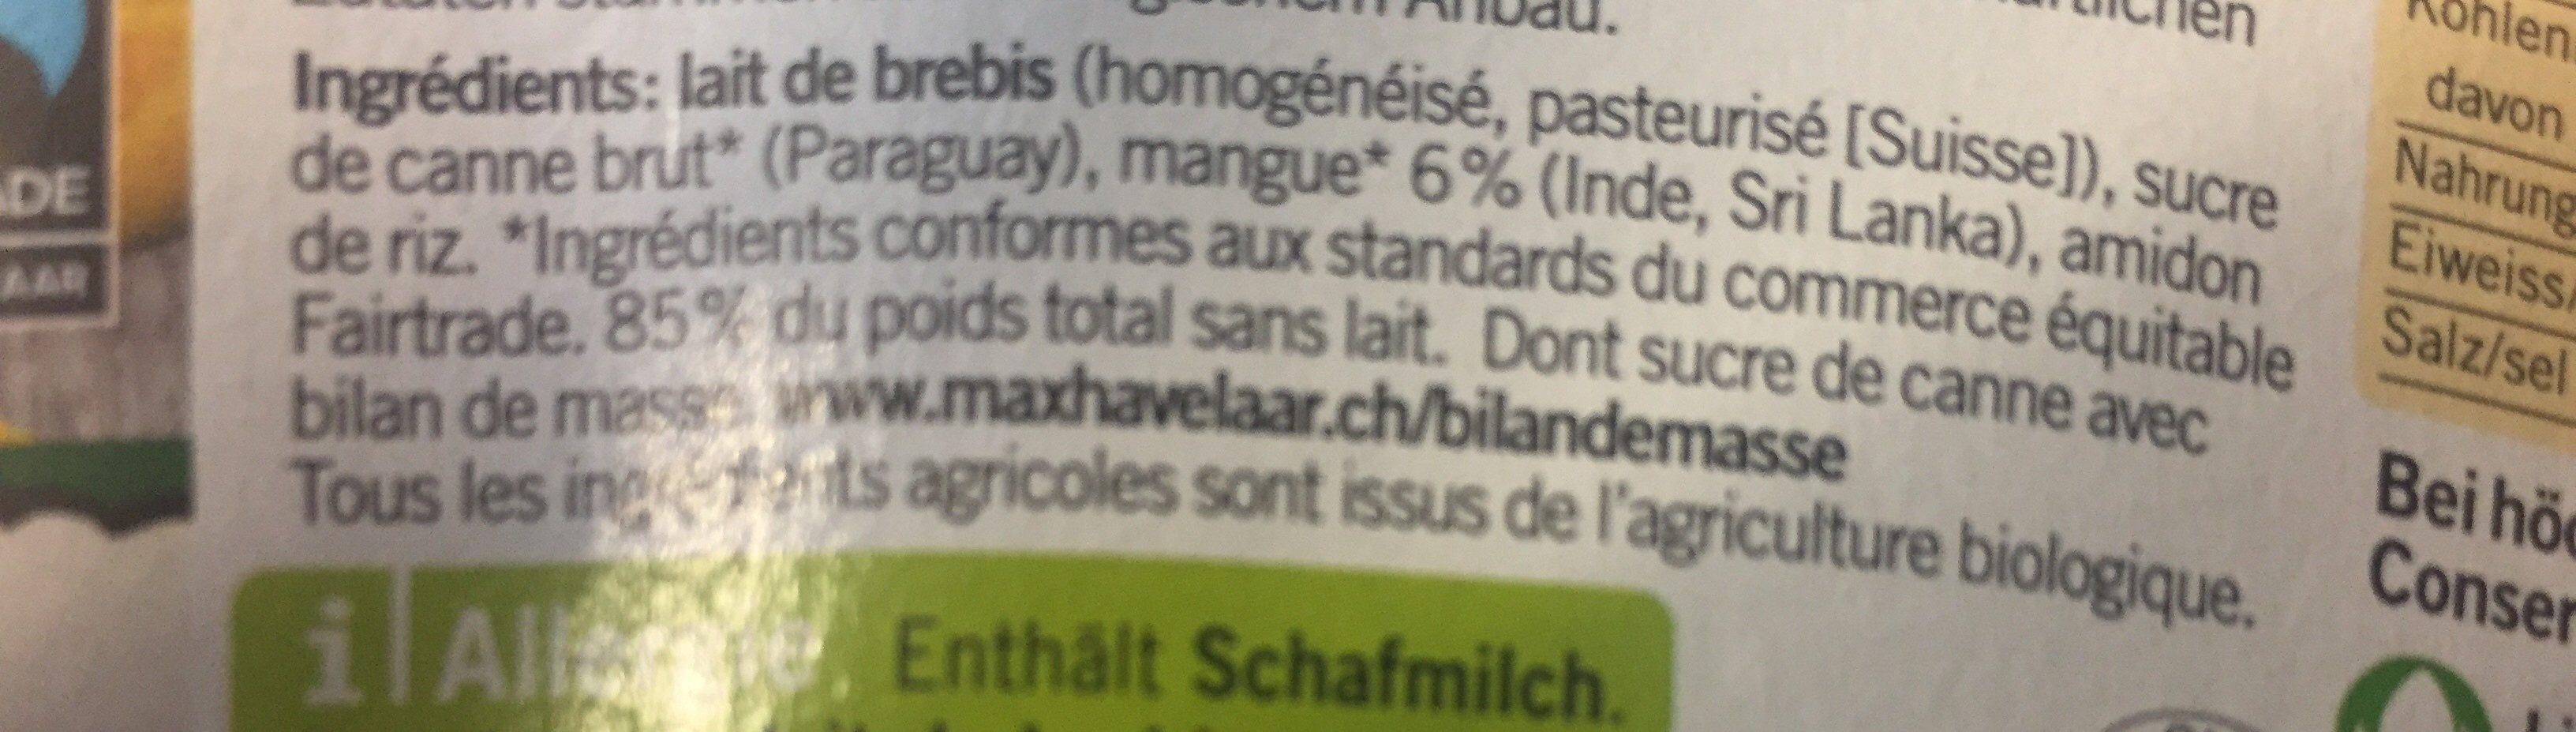 Yogourt au lait de bebris Mangue - Ingredients - fr